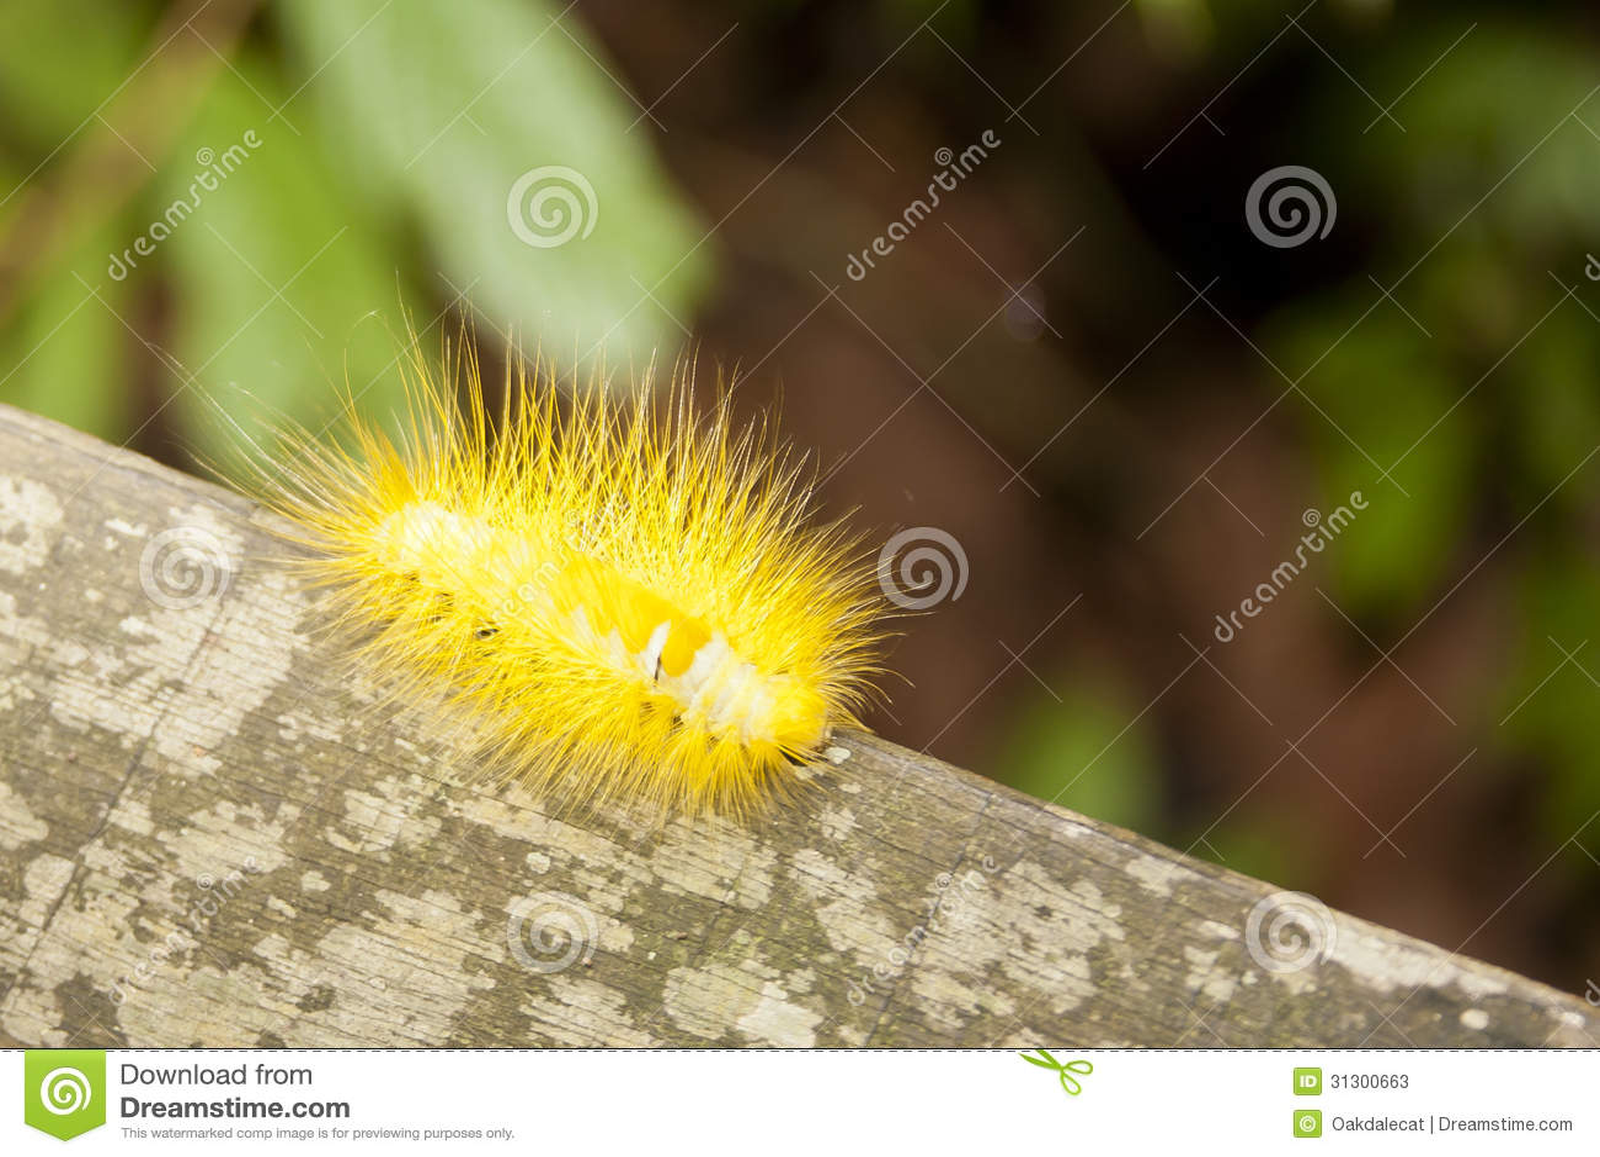 caterpillar hairy yellow